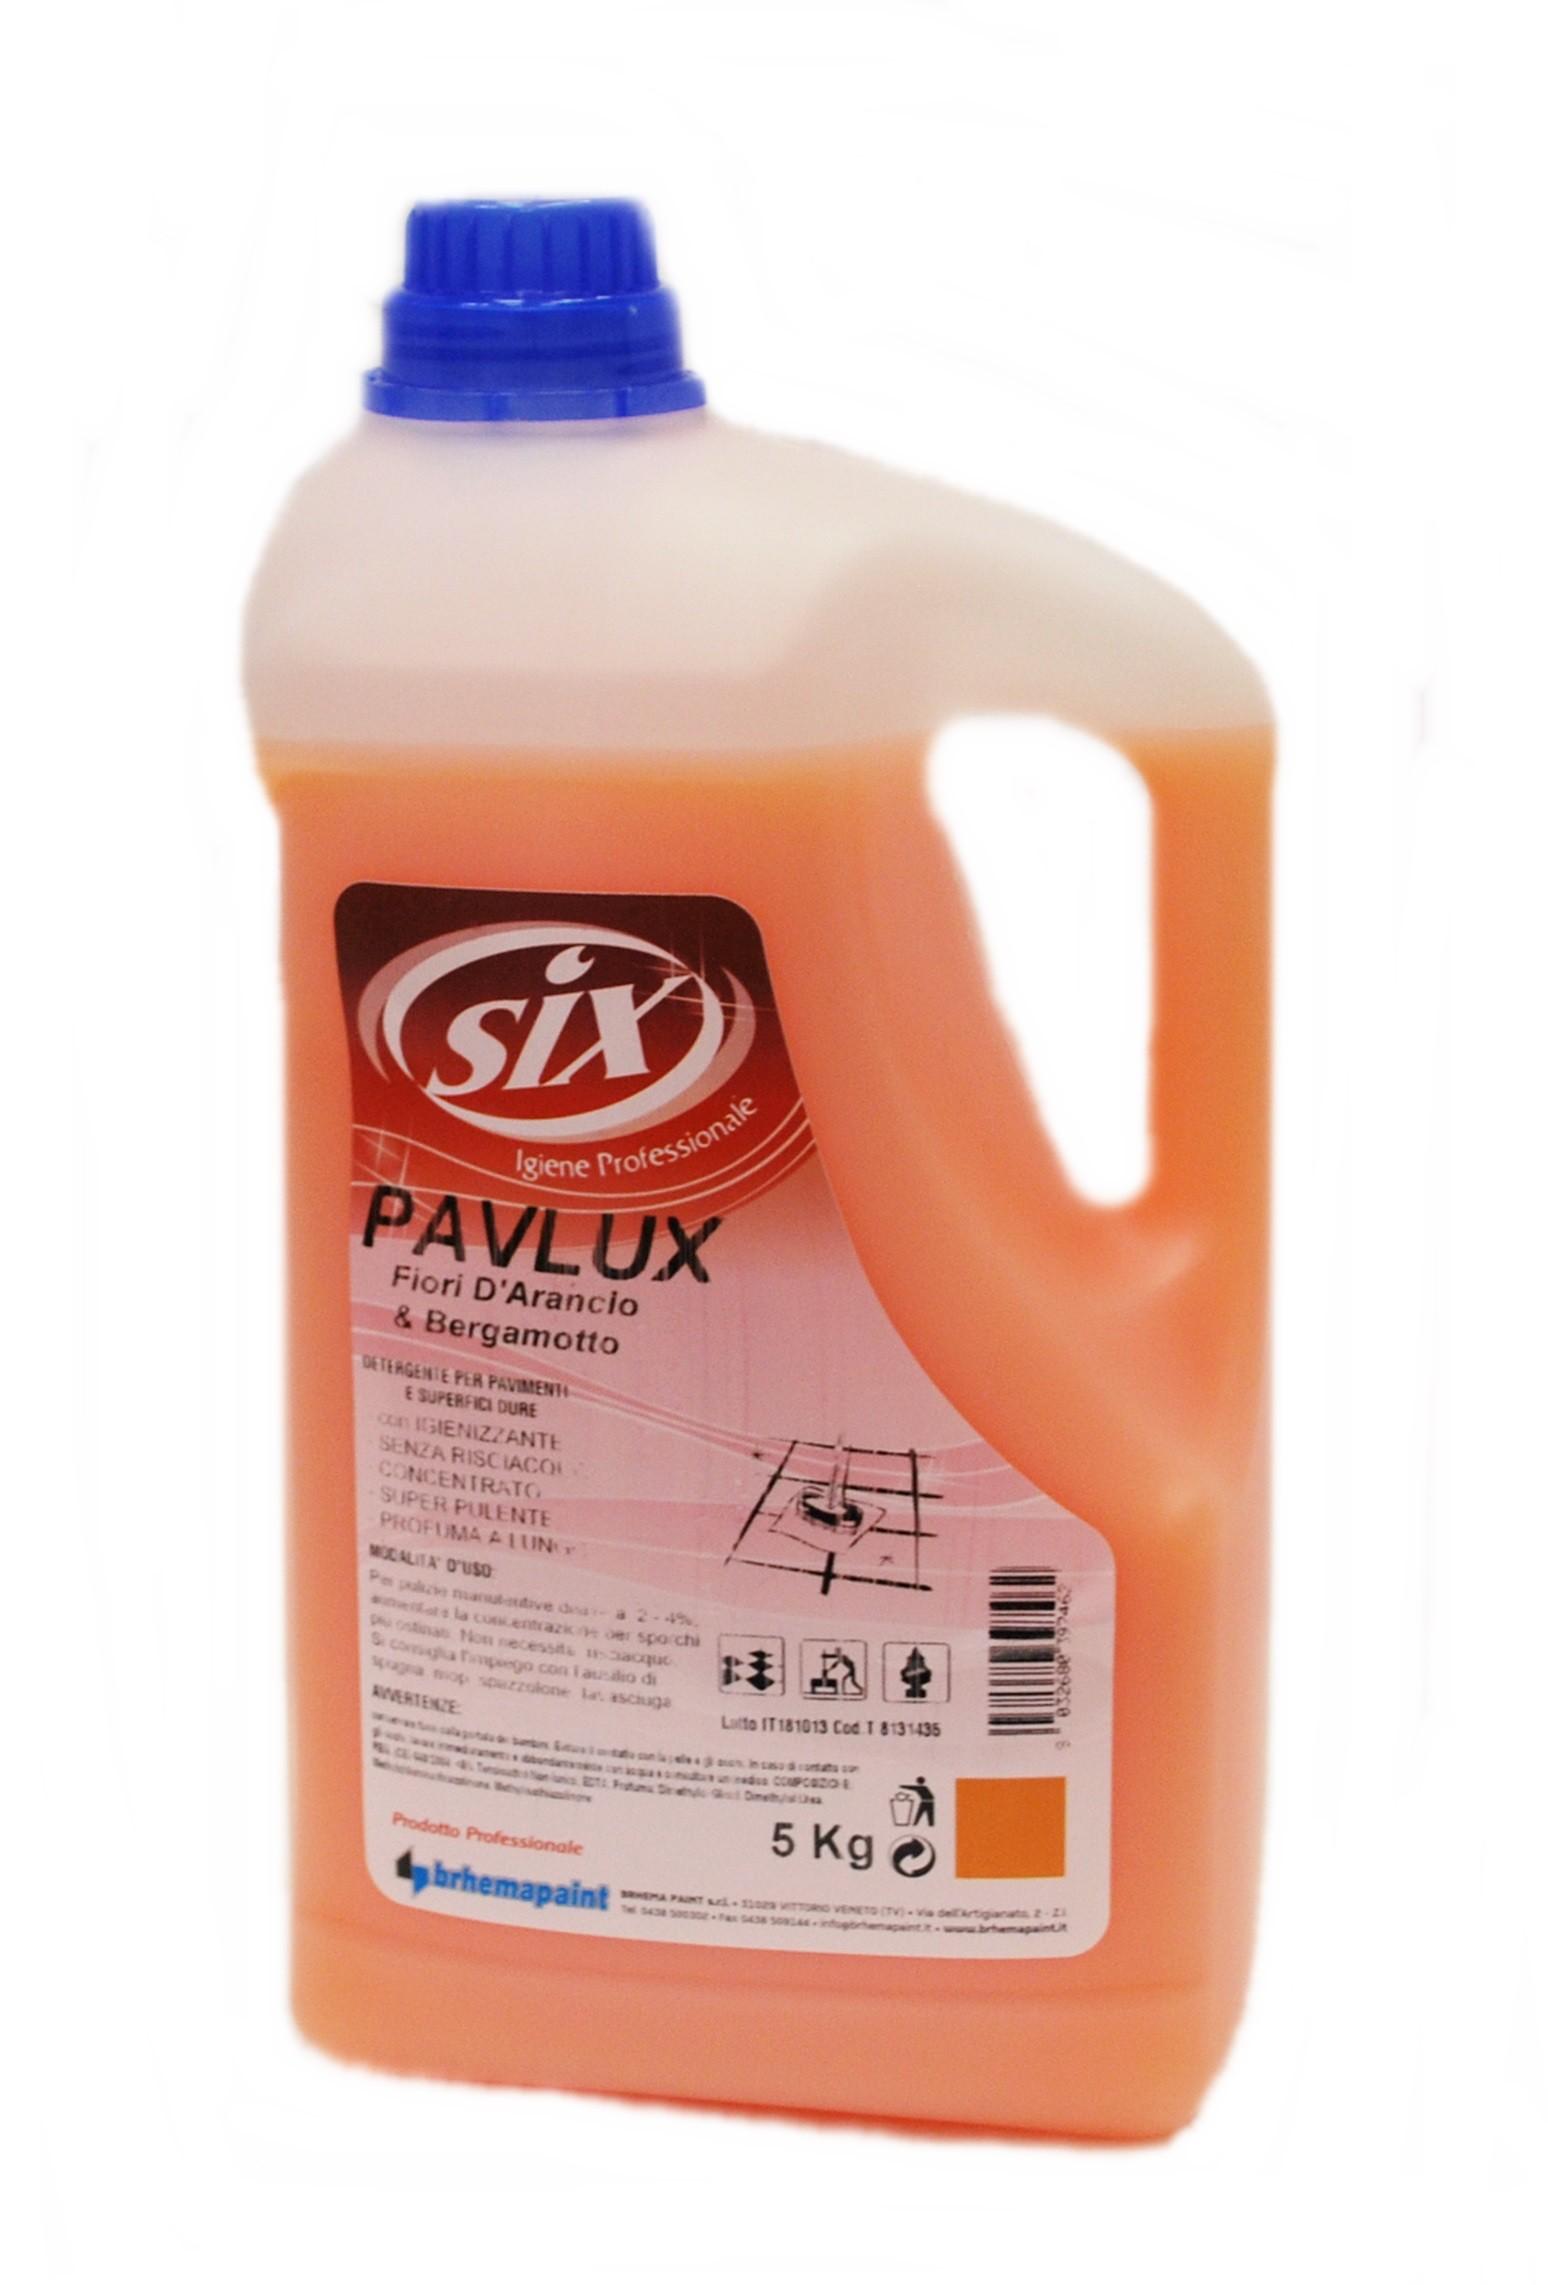 SIX - PAV LUX AGRUMI LT.5